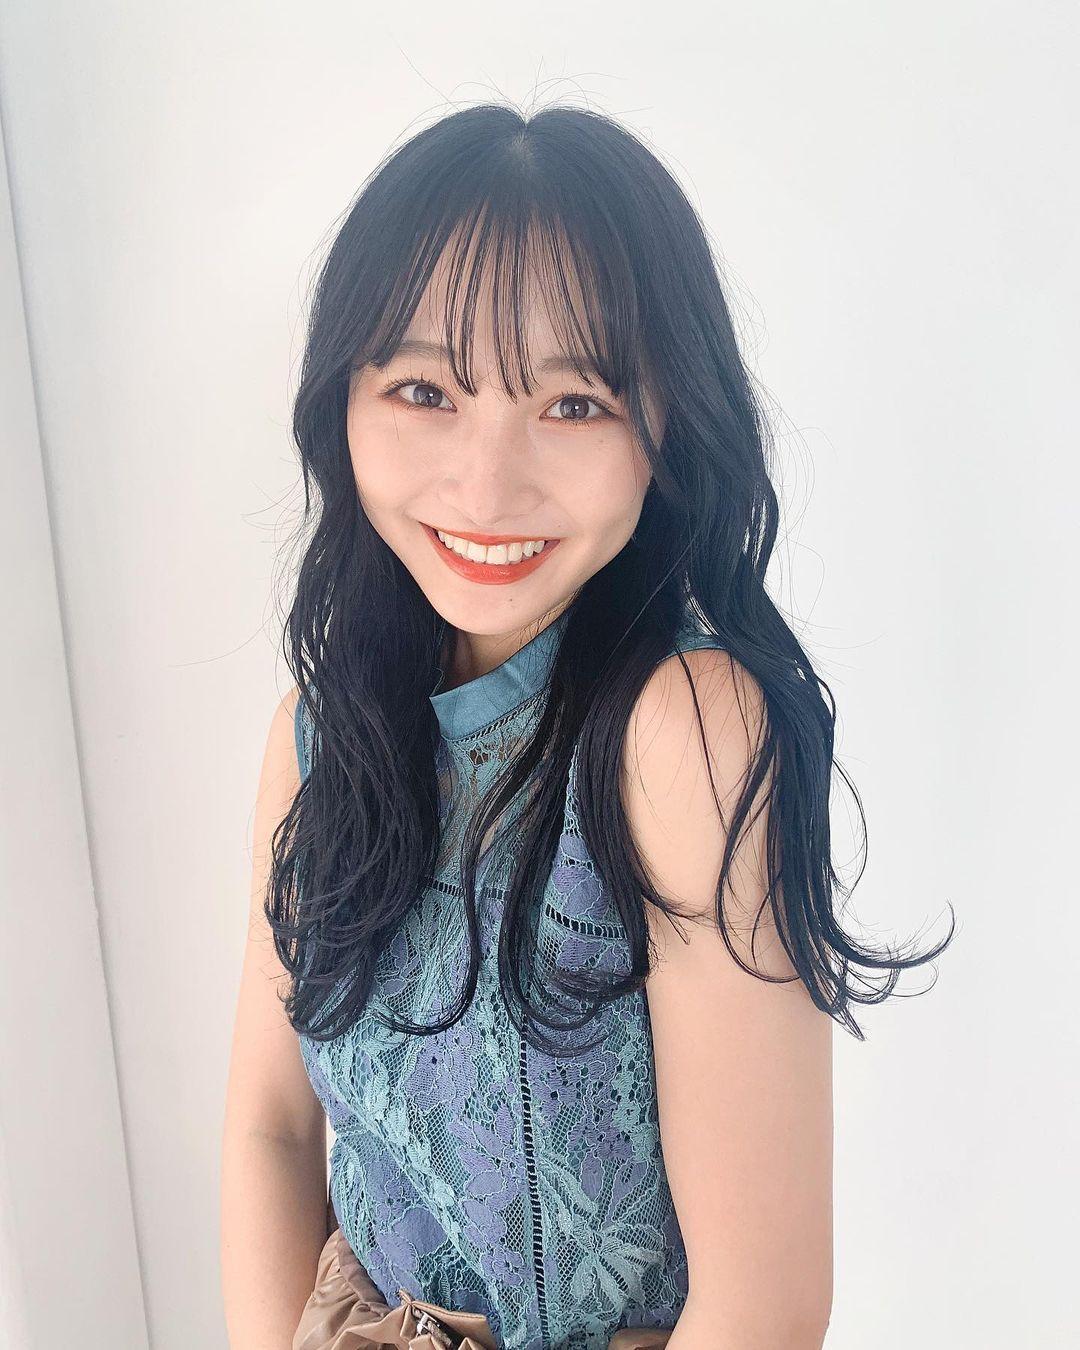 NMB48次世代王牌山本彩加引退转当护理师超暖原因让人更爱她了 网络美女 第13张